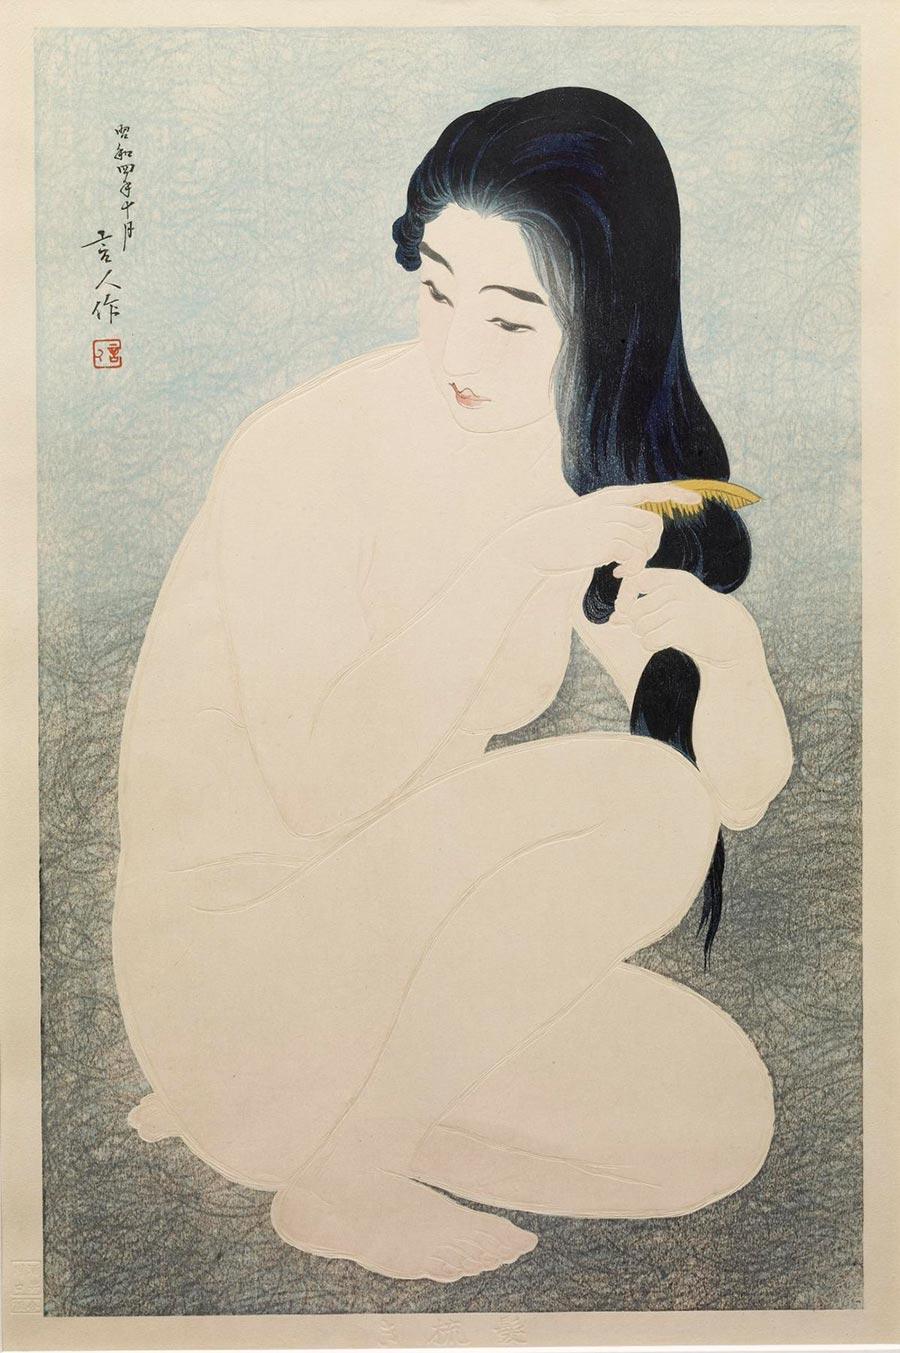 On-line архив японских гравюр, созданных с 1700-х годов до наших дней Тории Котондо